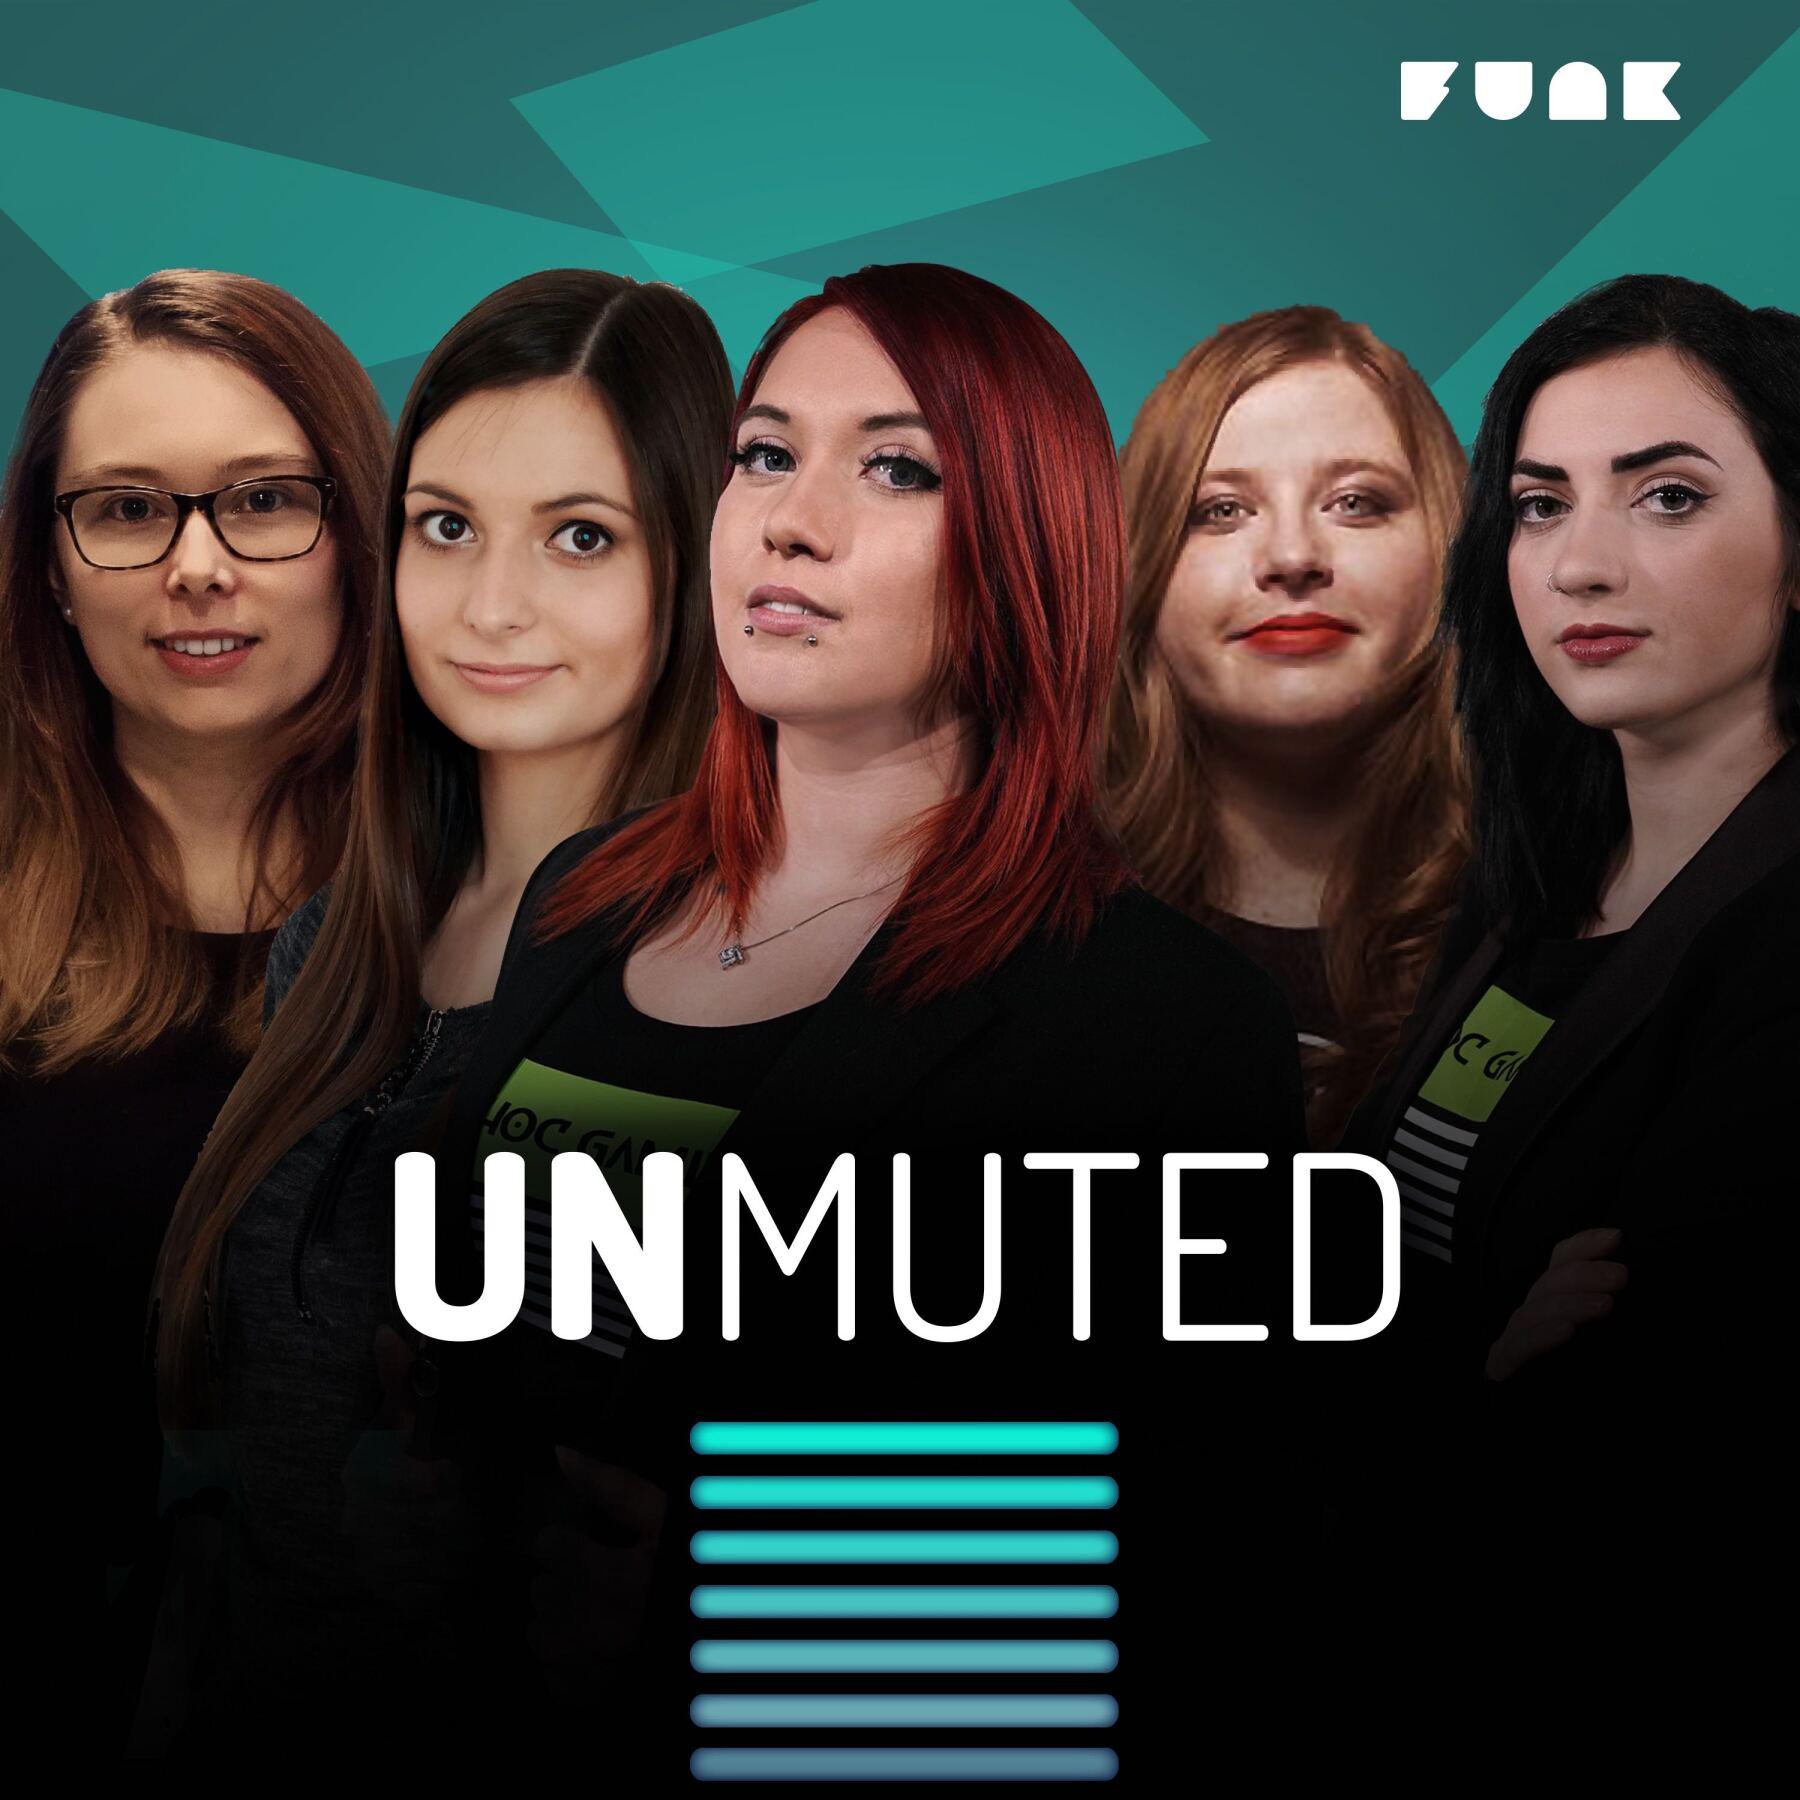 Frauen im Esports – welche Chancen haben sie trotz Sexismus? | #6 unmuted – Esports-Podcast